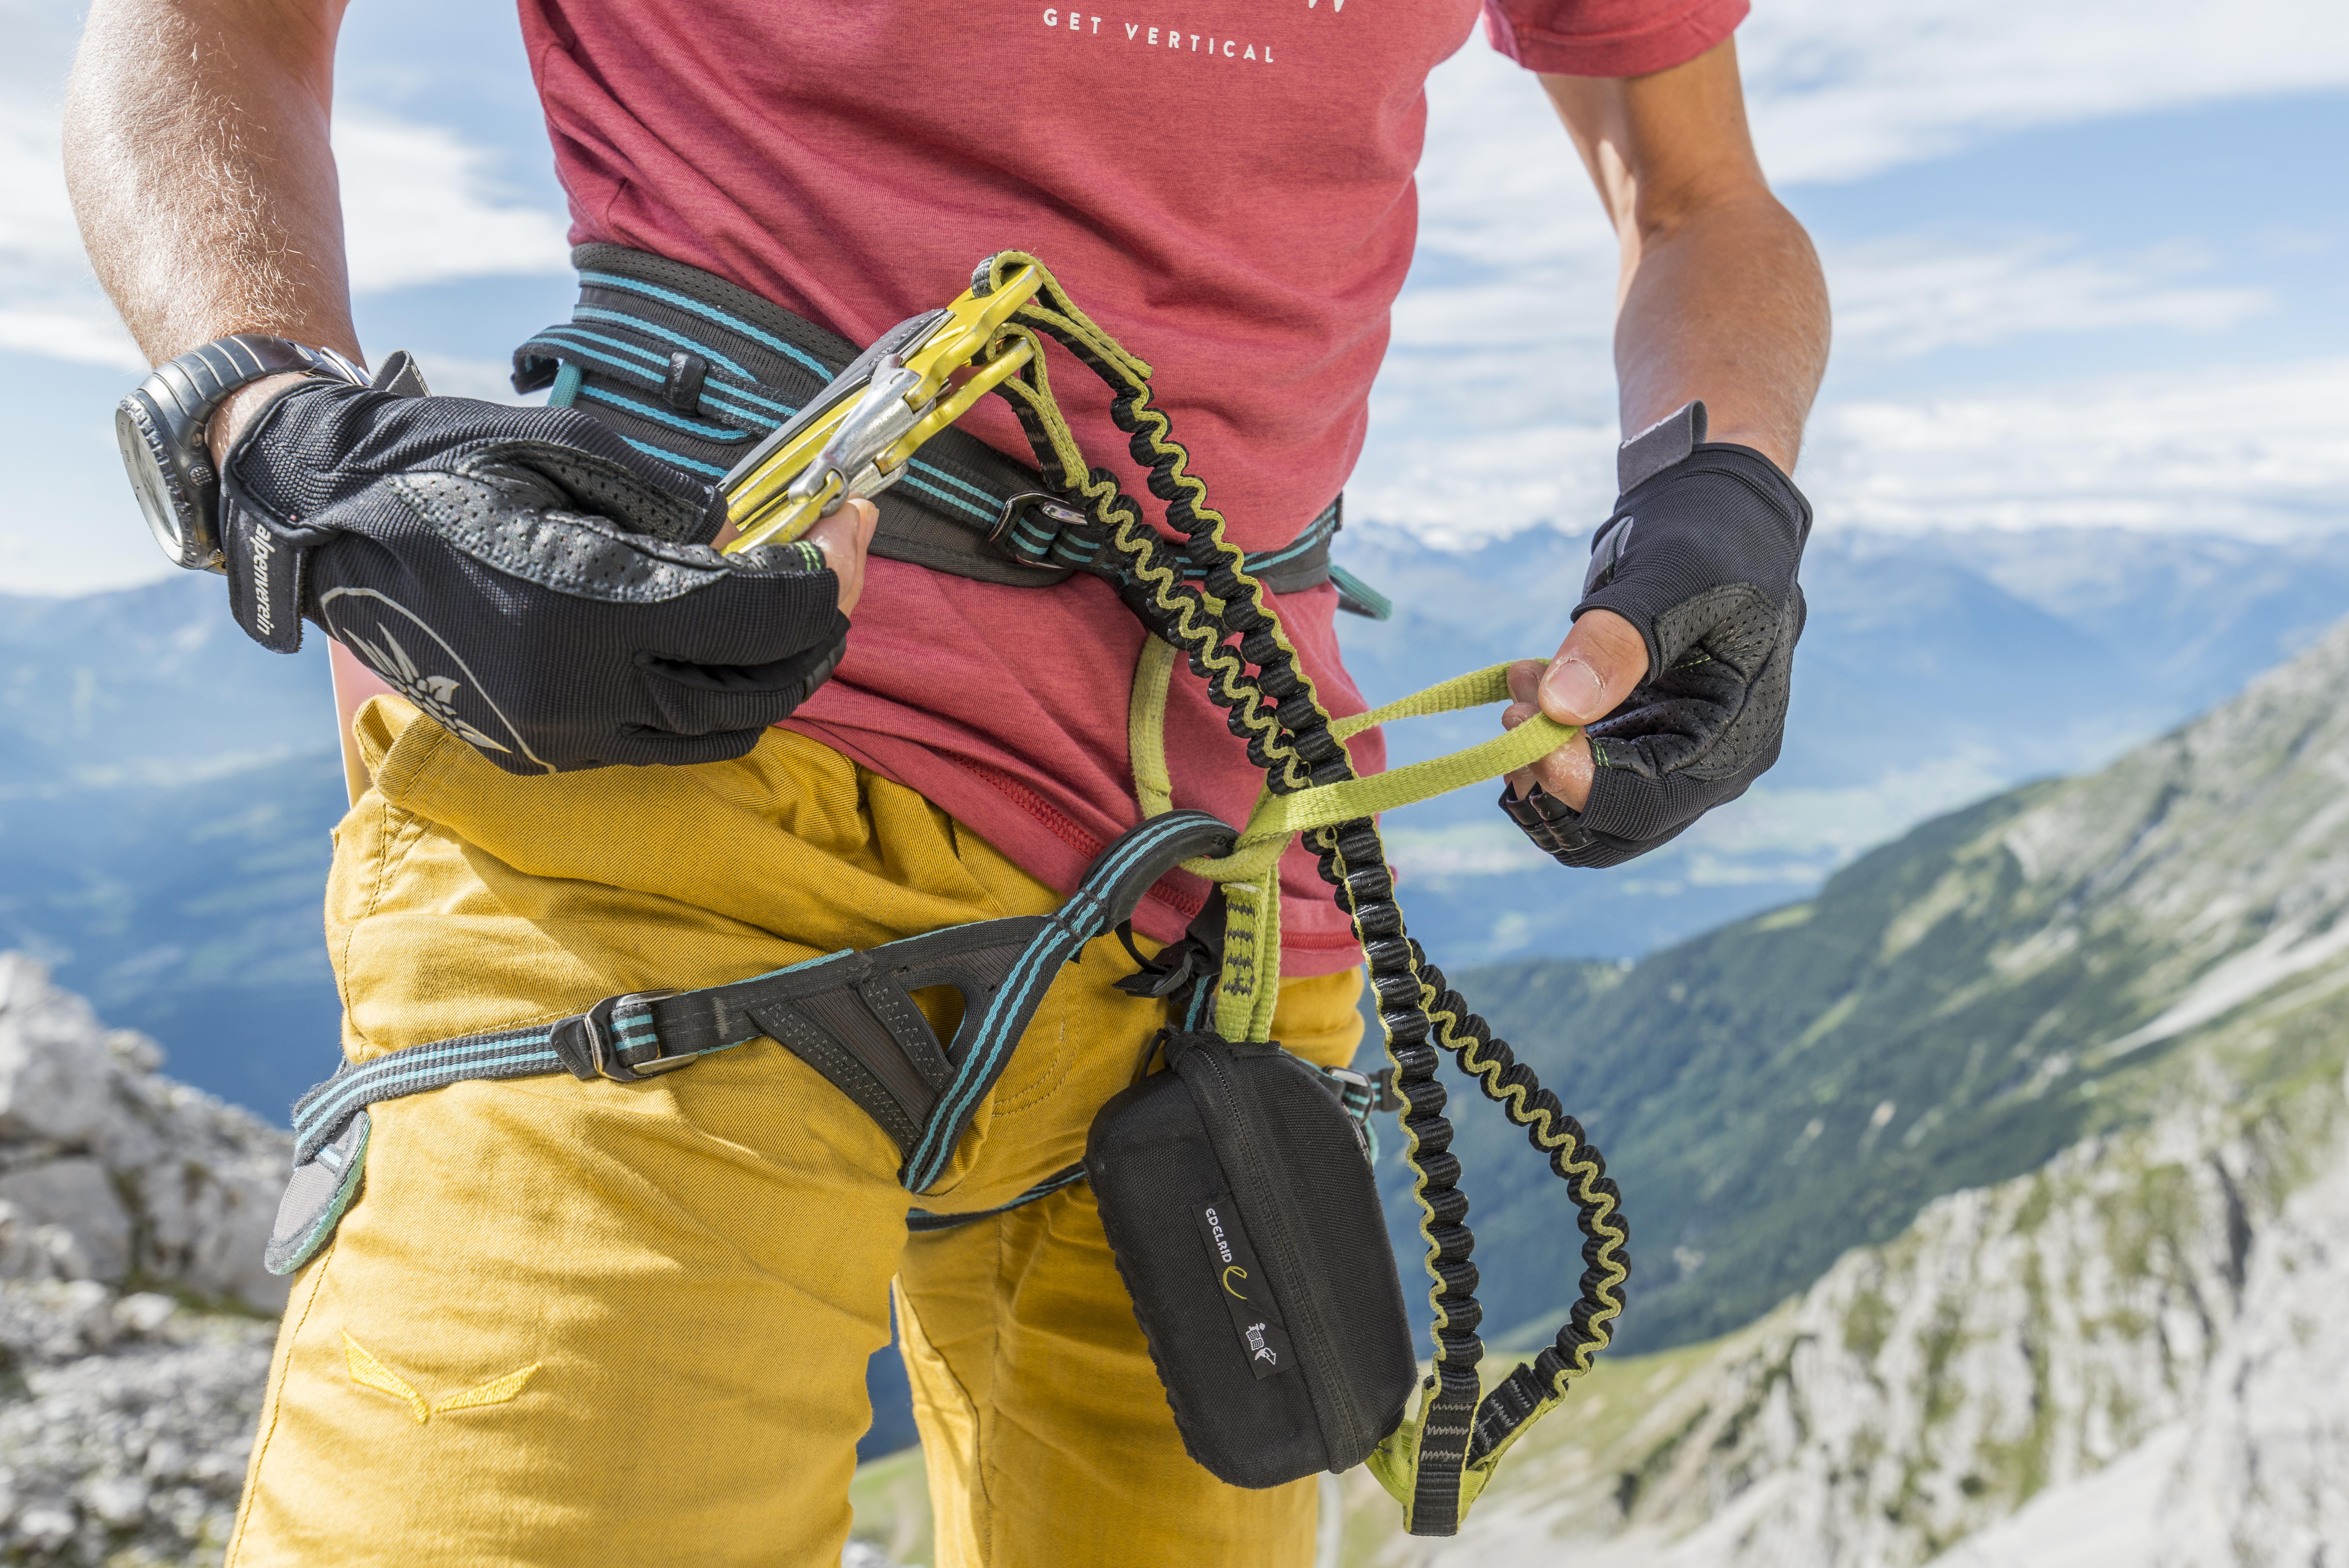 Klettergurt Jugend : Bouldern jugend winter mannheimer ruder club v e